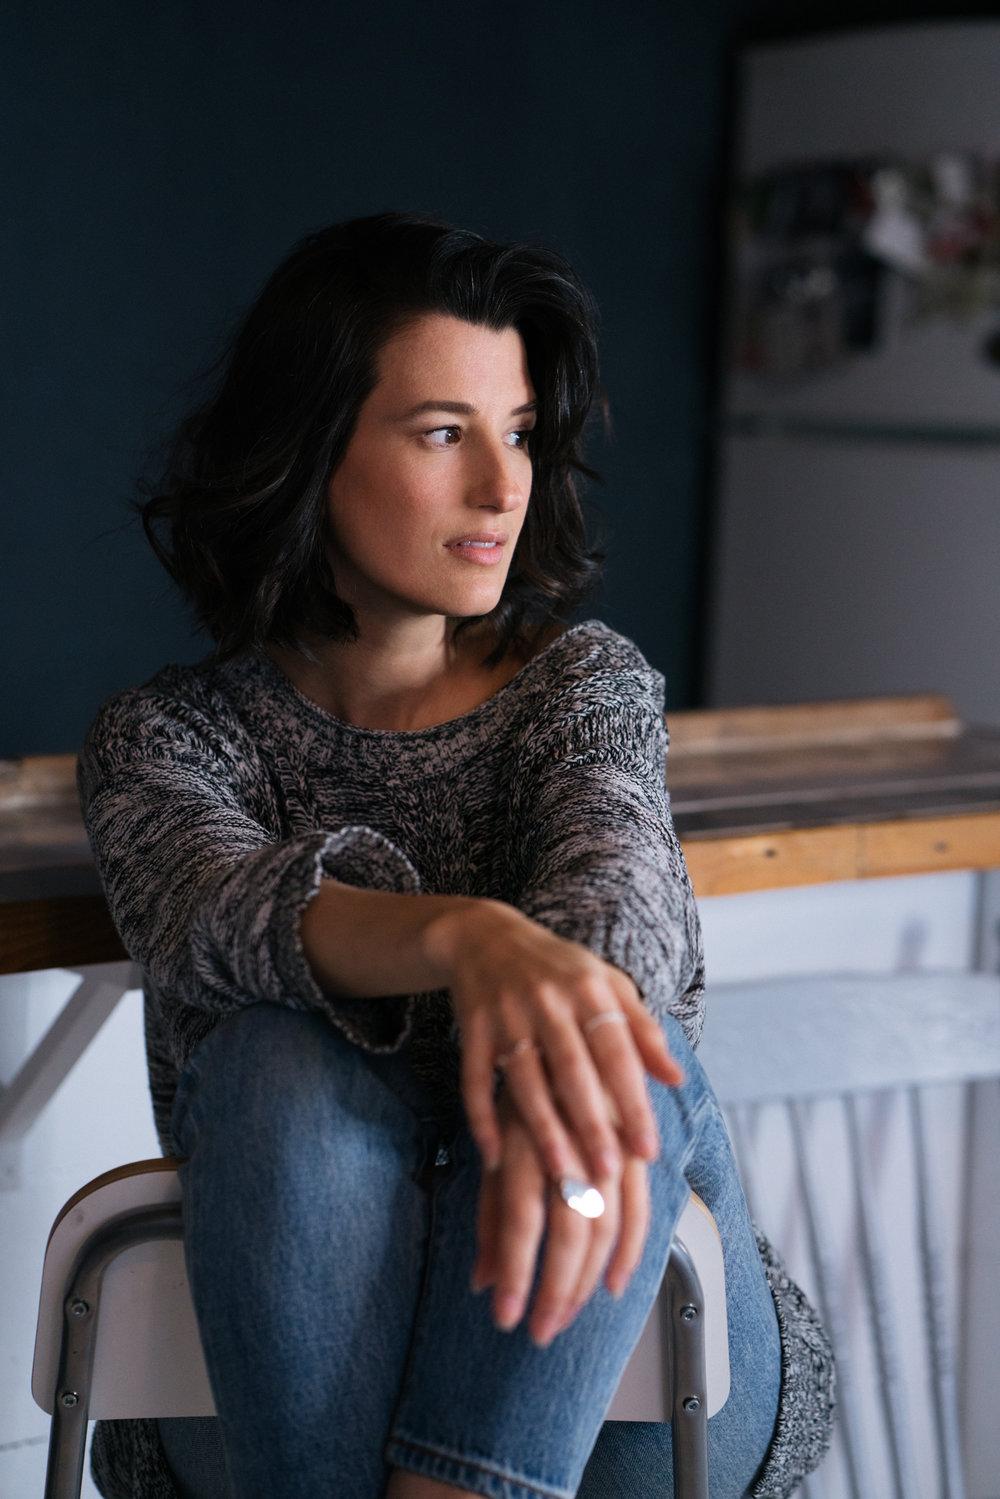 Entrevue et photos par Avril Franco  Bijoux :  Beblue ,  Orac ,  Ninananas ,  Invidiosa   Accessoires sélectionnés par  Justine Gagnon Styliste